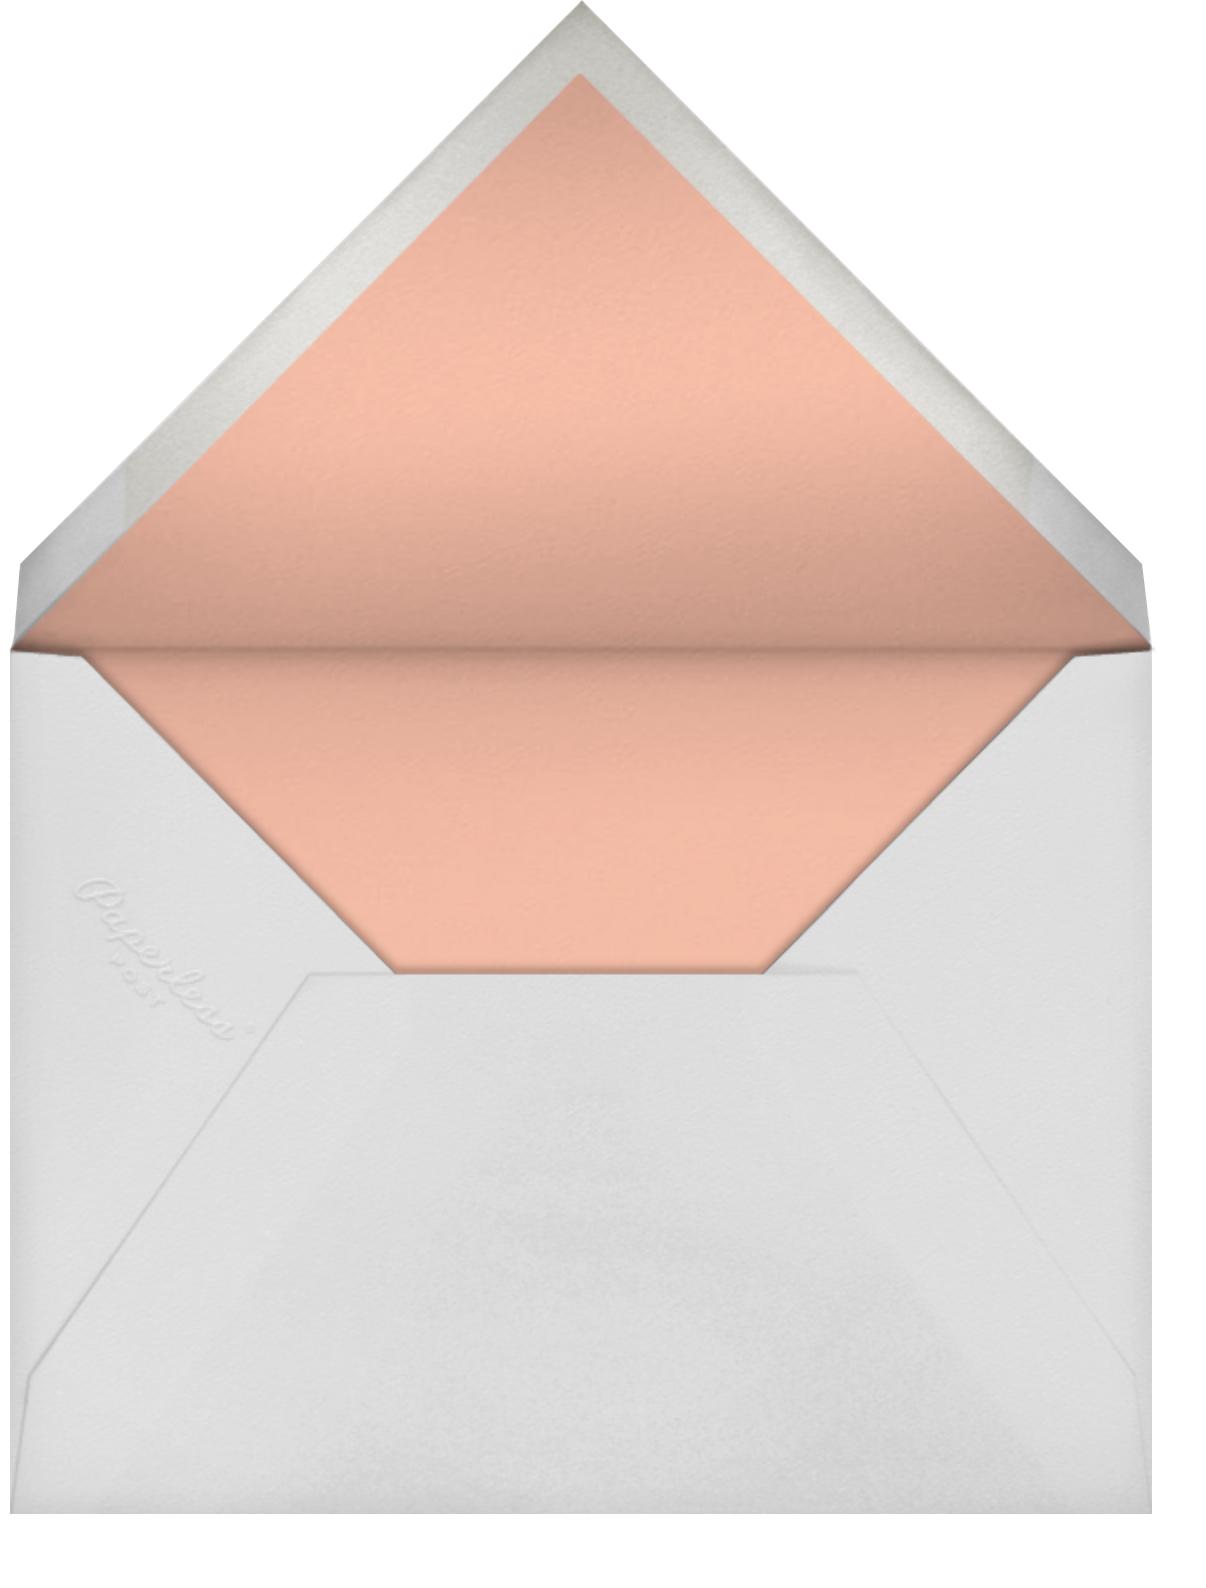 Centered - Sherbet - kate spade new york - Envelope